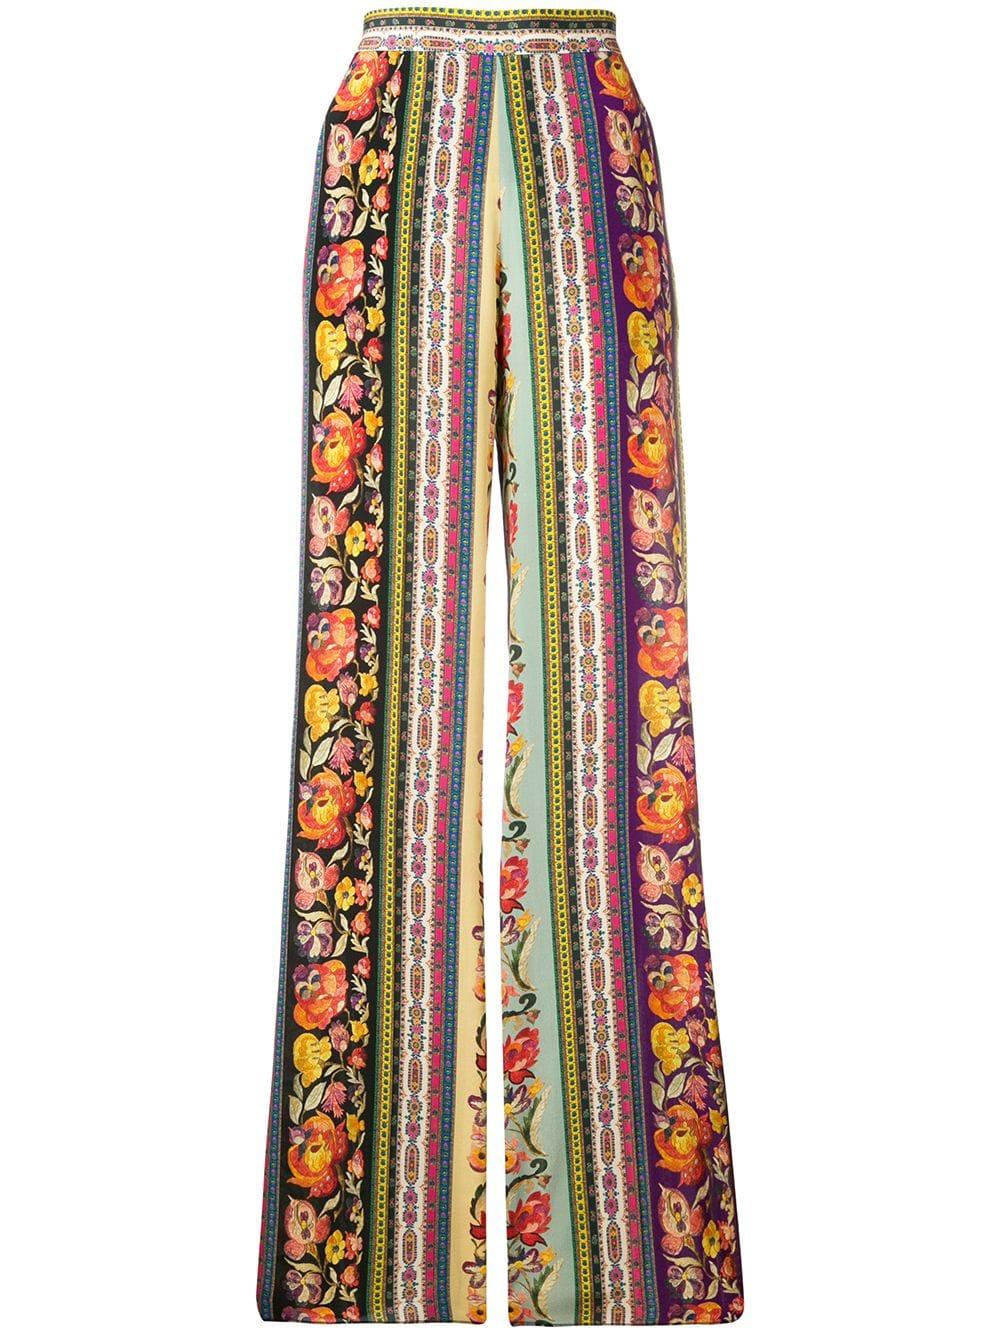 miglior servizio 5449b 4d6de Pantaloni Floreali In Seta